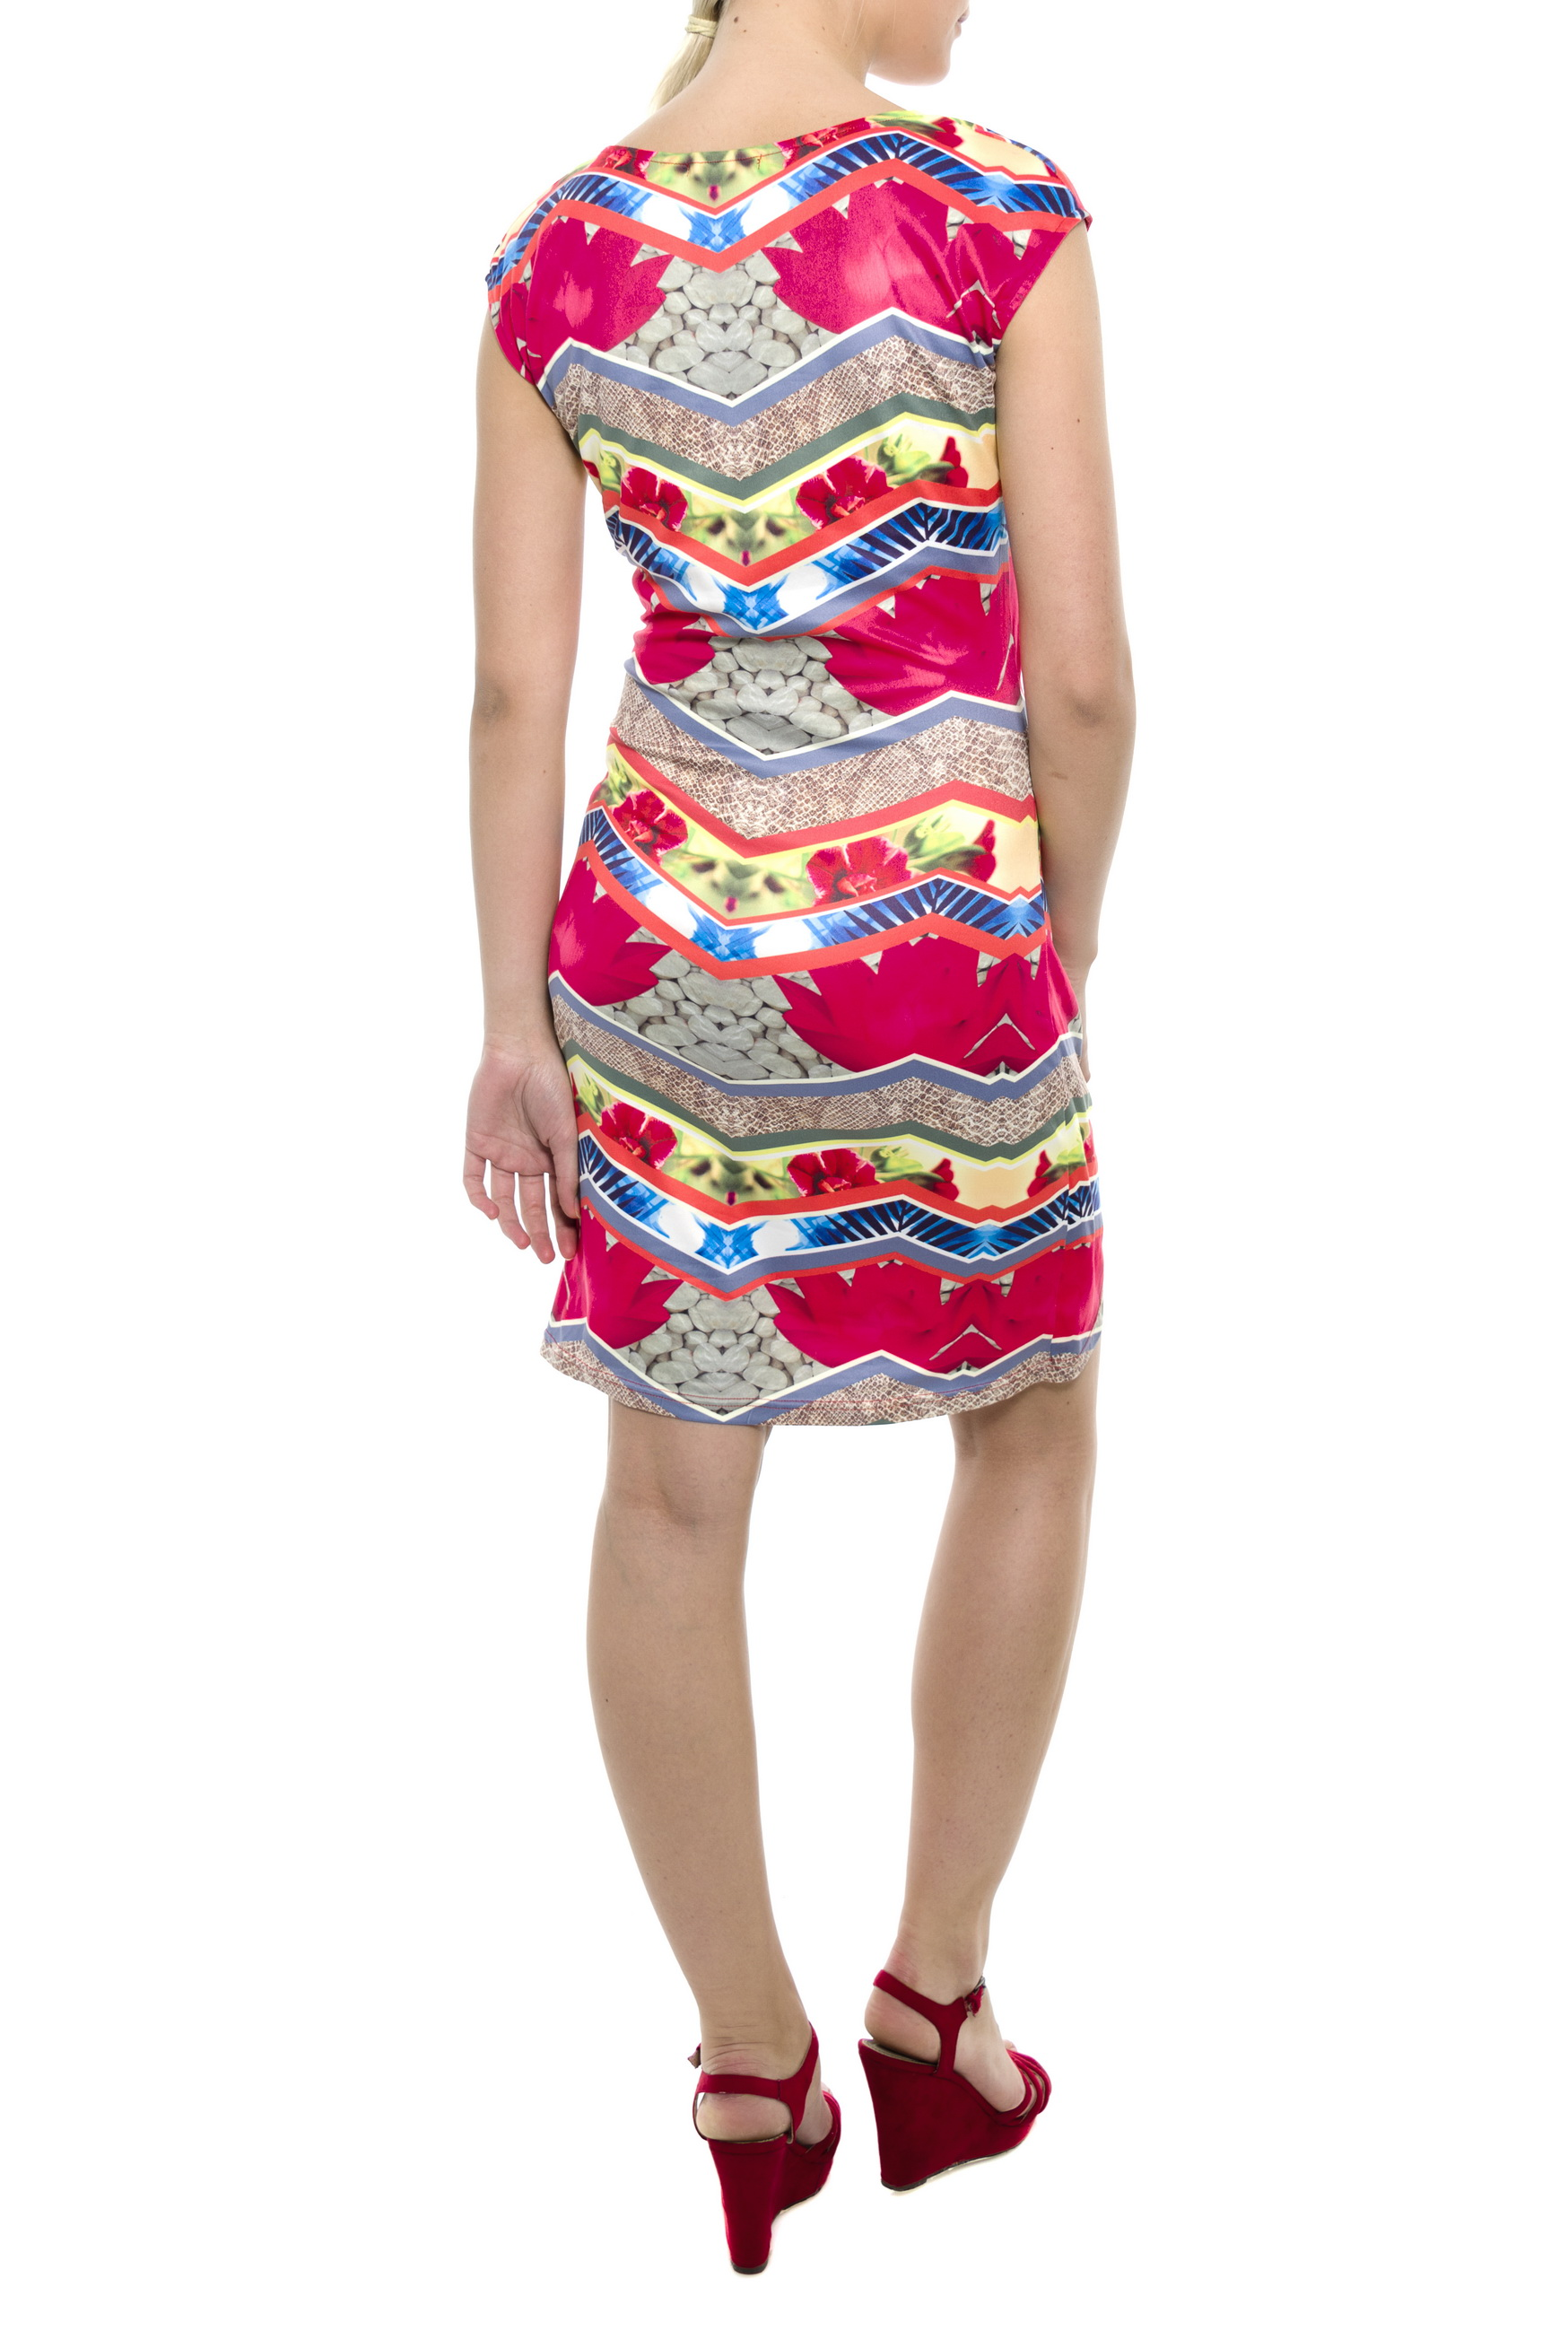 94e5296f4037 Dámské šaty s květinovým vzorem Avelina a krátkým rukávem